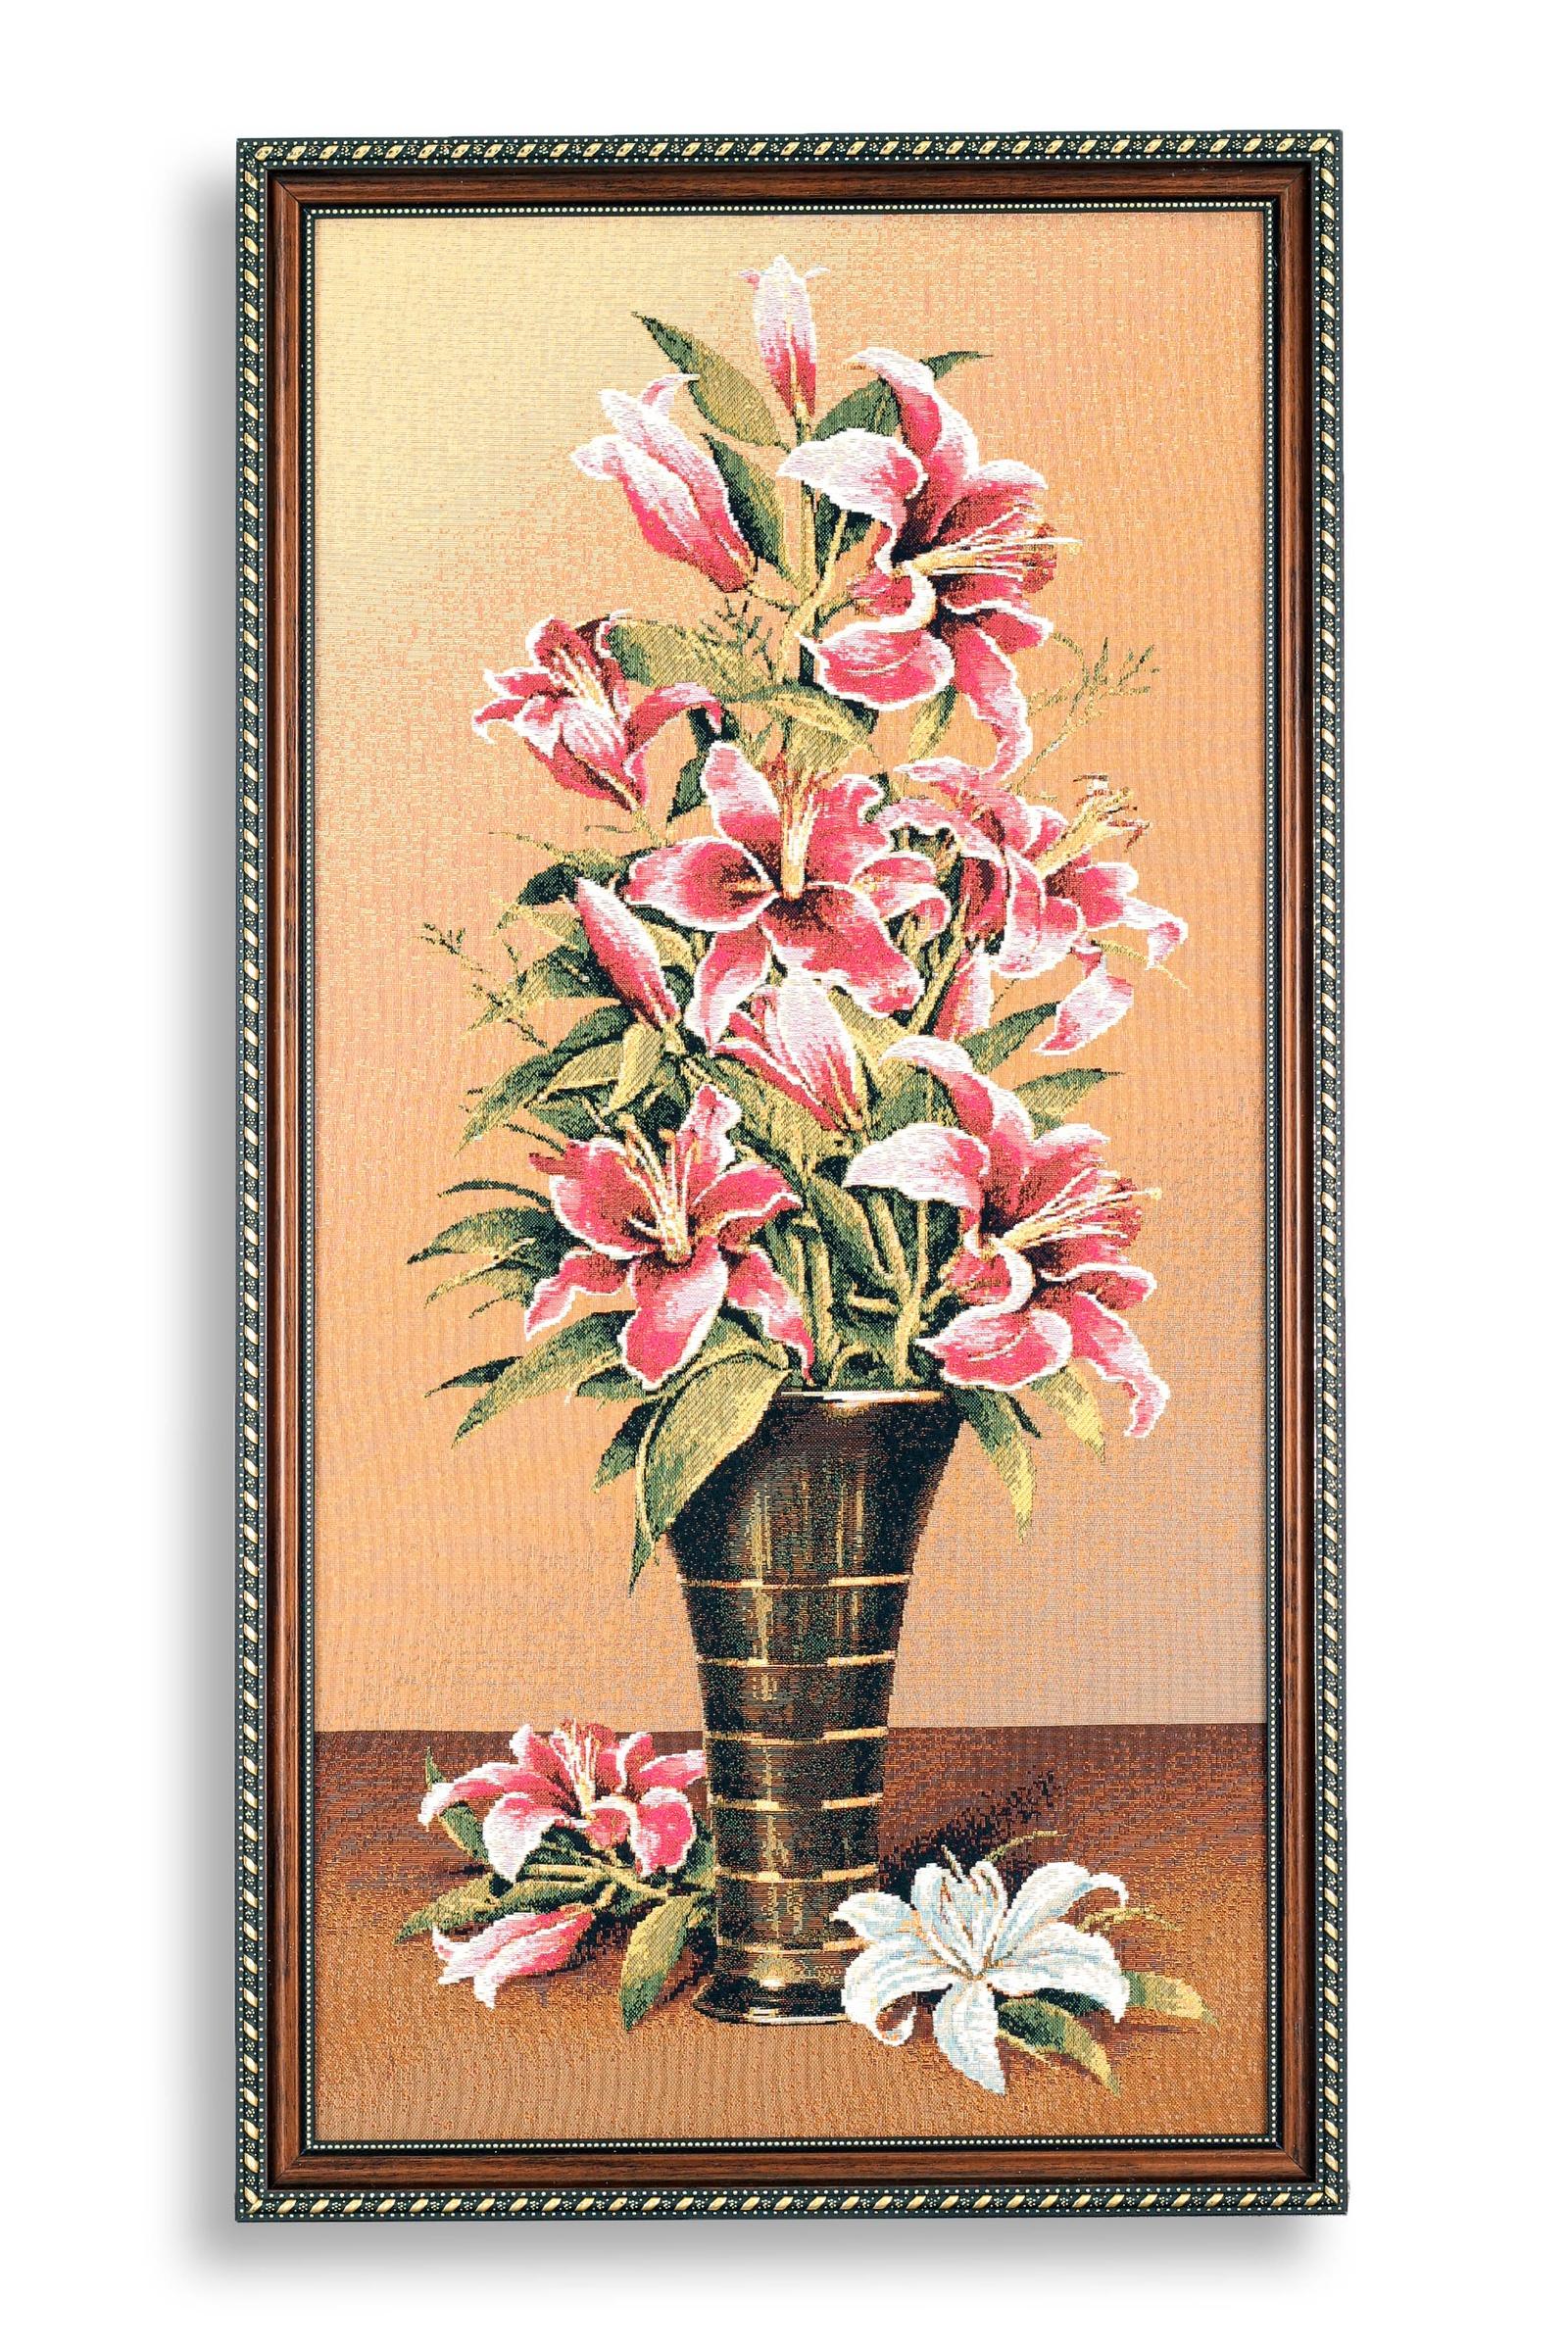 Фото - Картина Магазин гобеленов букет лилии 39*73 см, Гобелен гобелен картина интерьерная магазин гобеленов букет роз бордюр 65 на 85 см